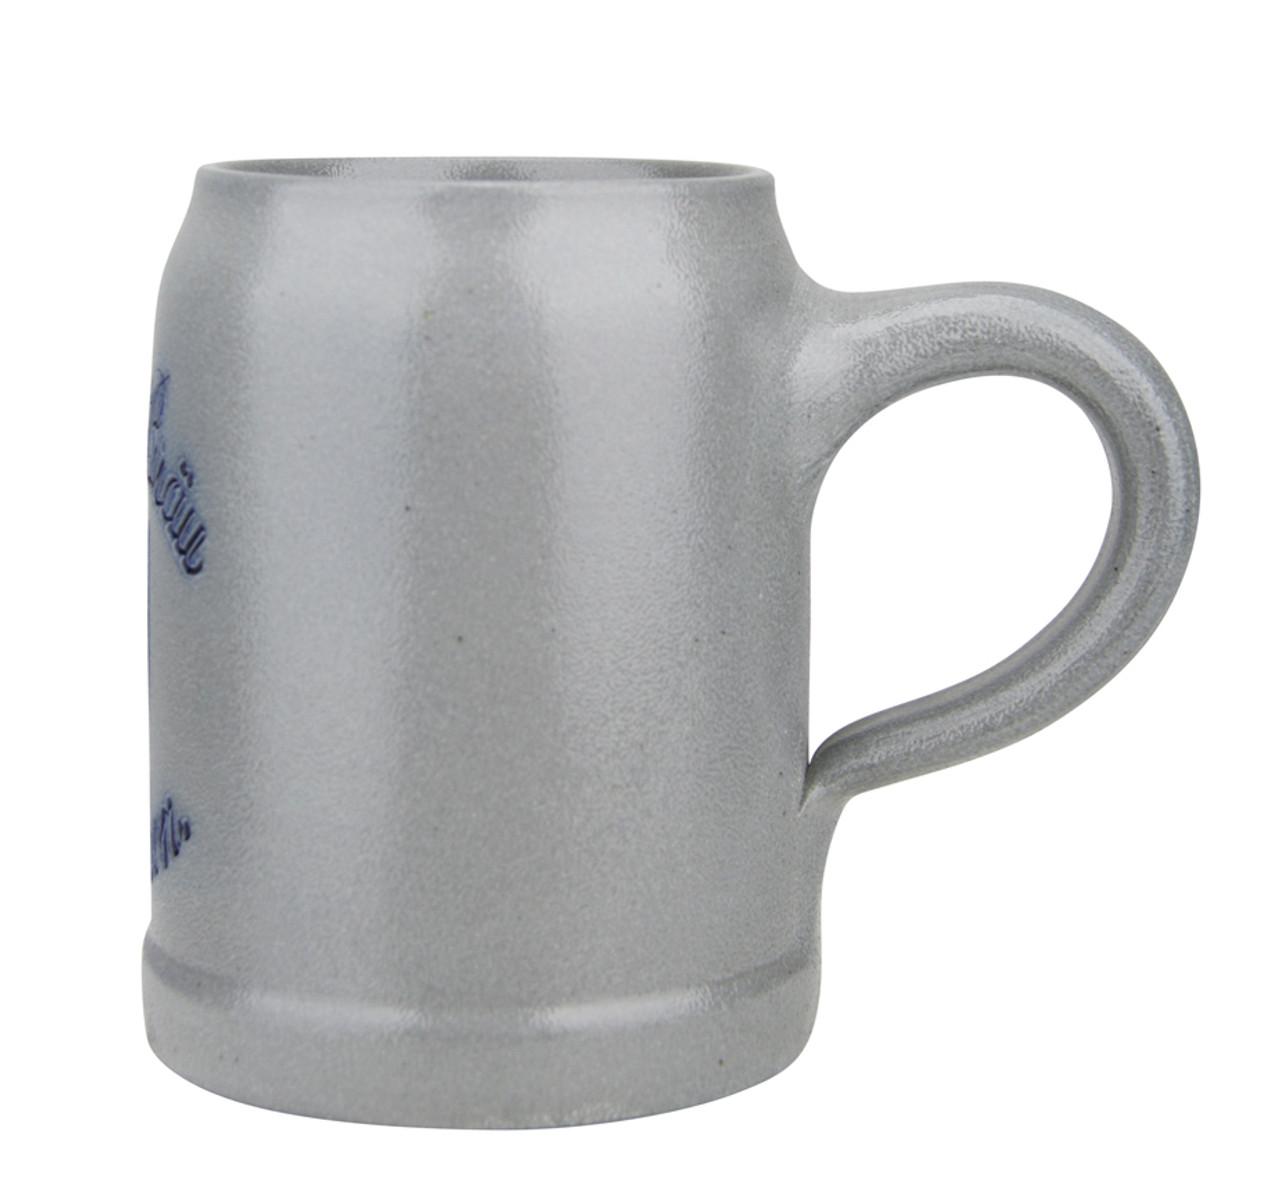 Spaten Brau Brewery 0.5 Liter Salt Glaze Stoneware Beer Mug